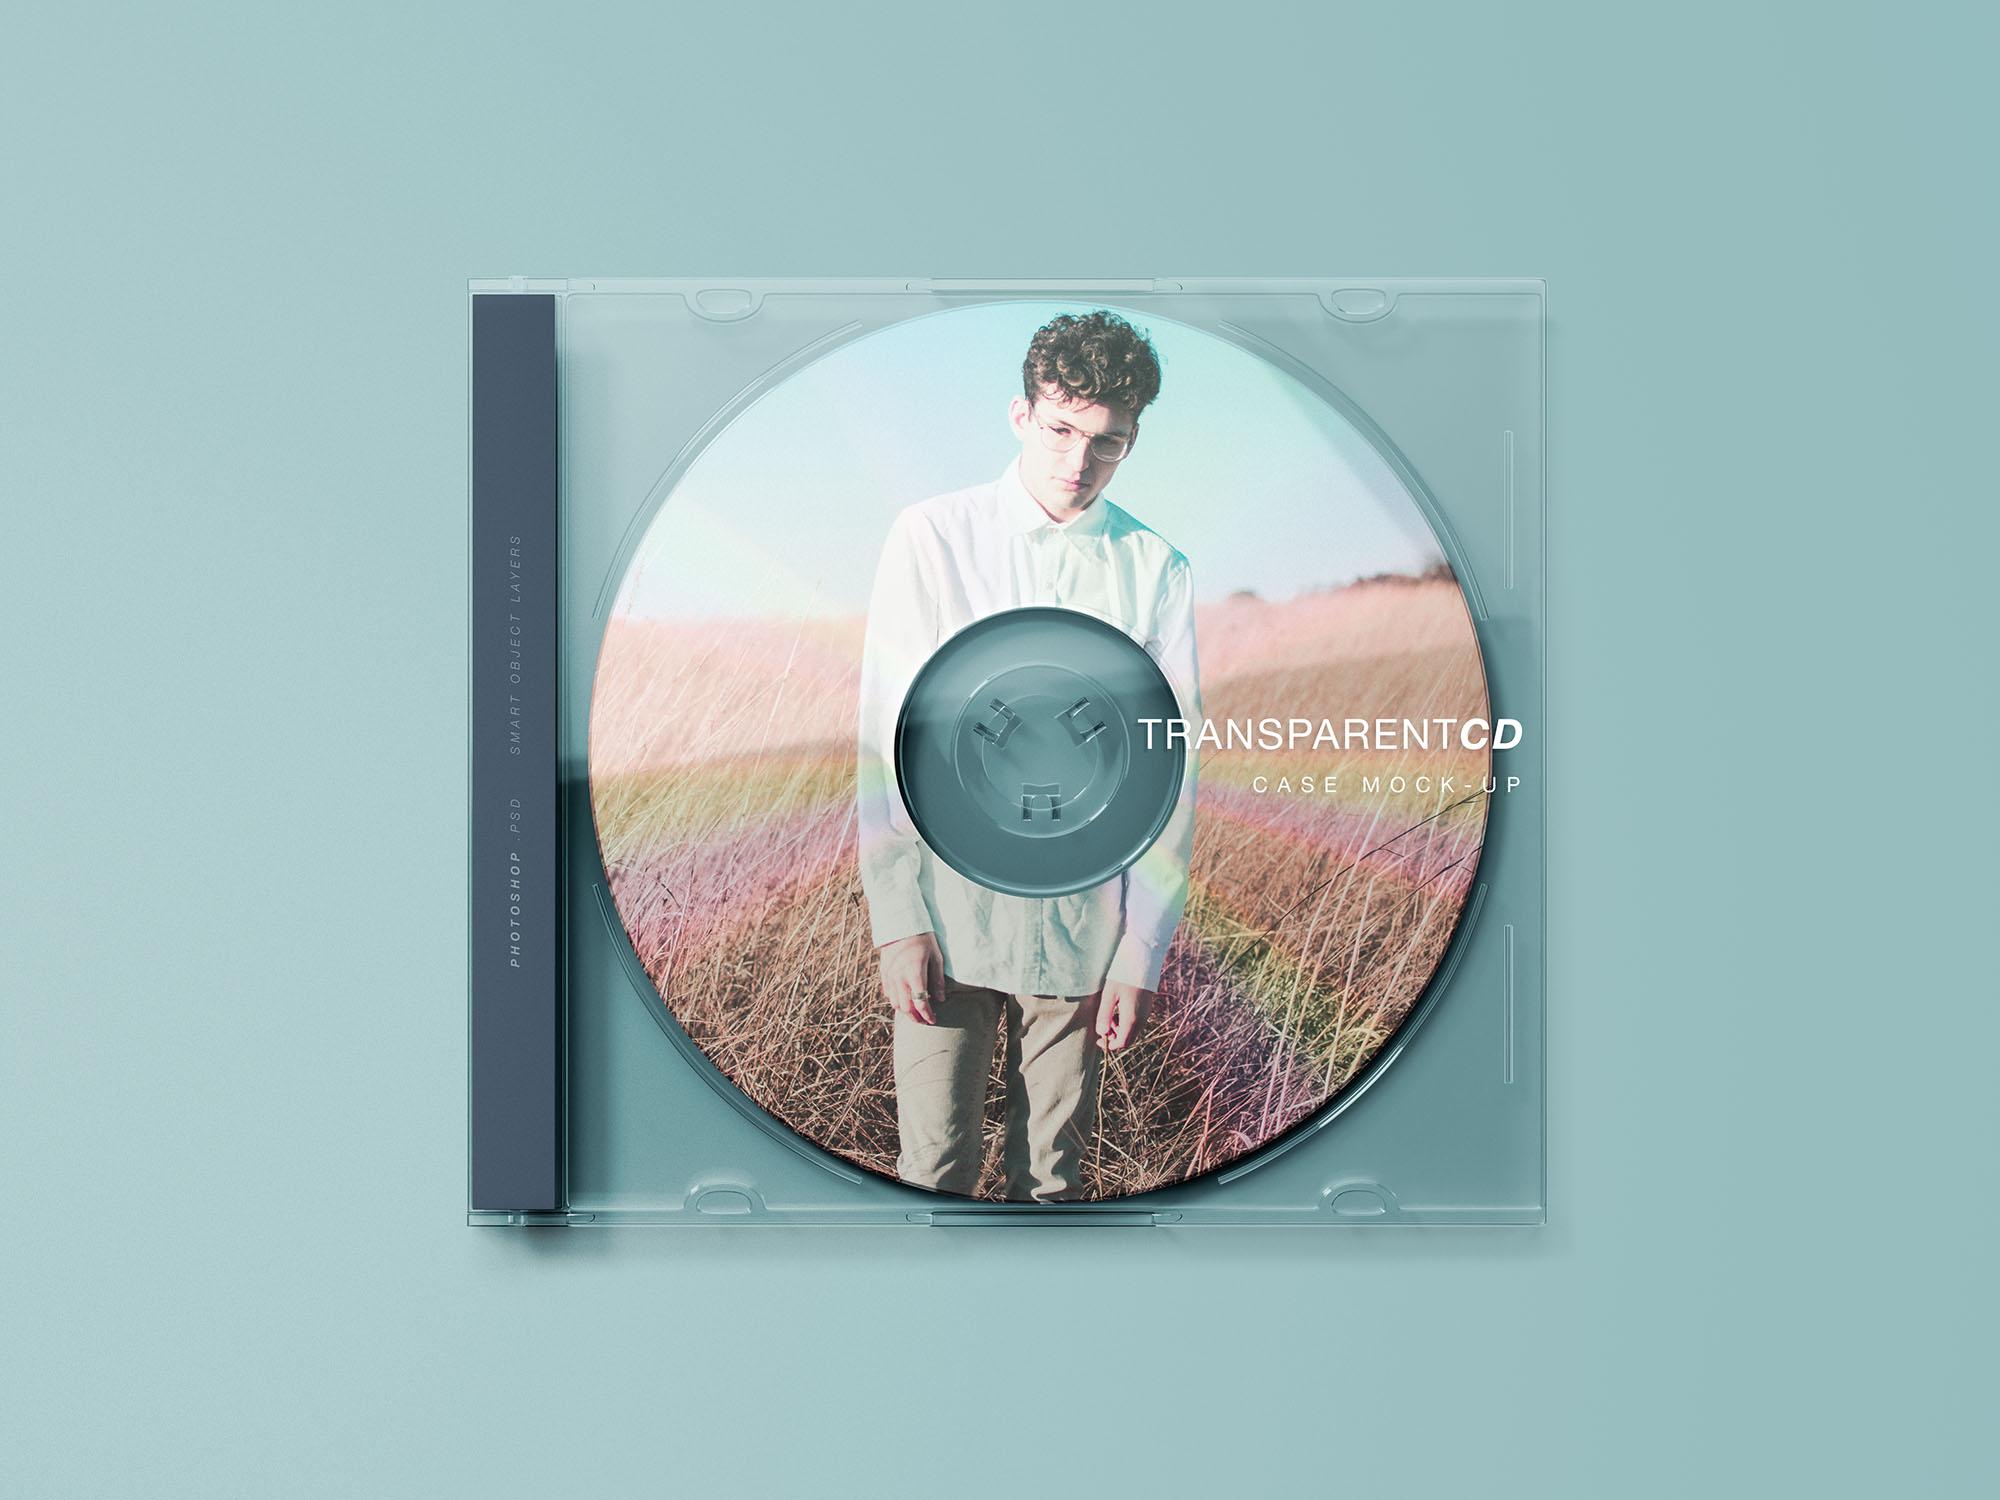 Transparent CD Case Mockup